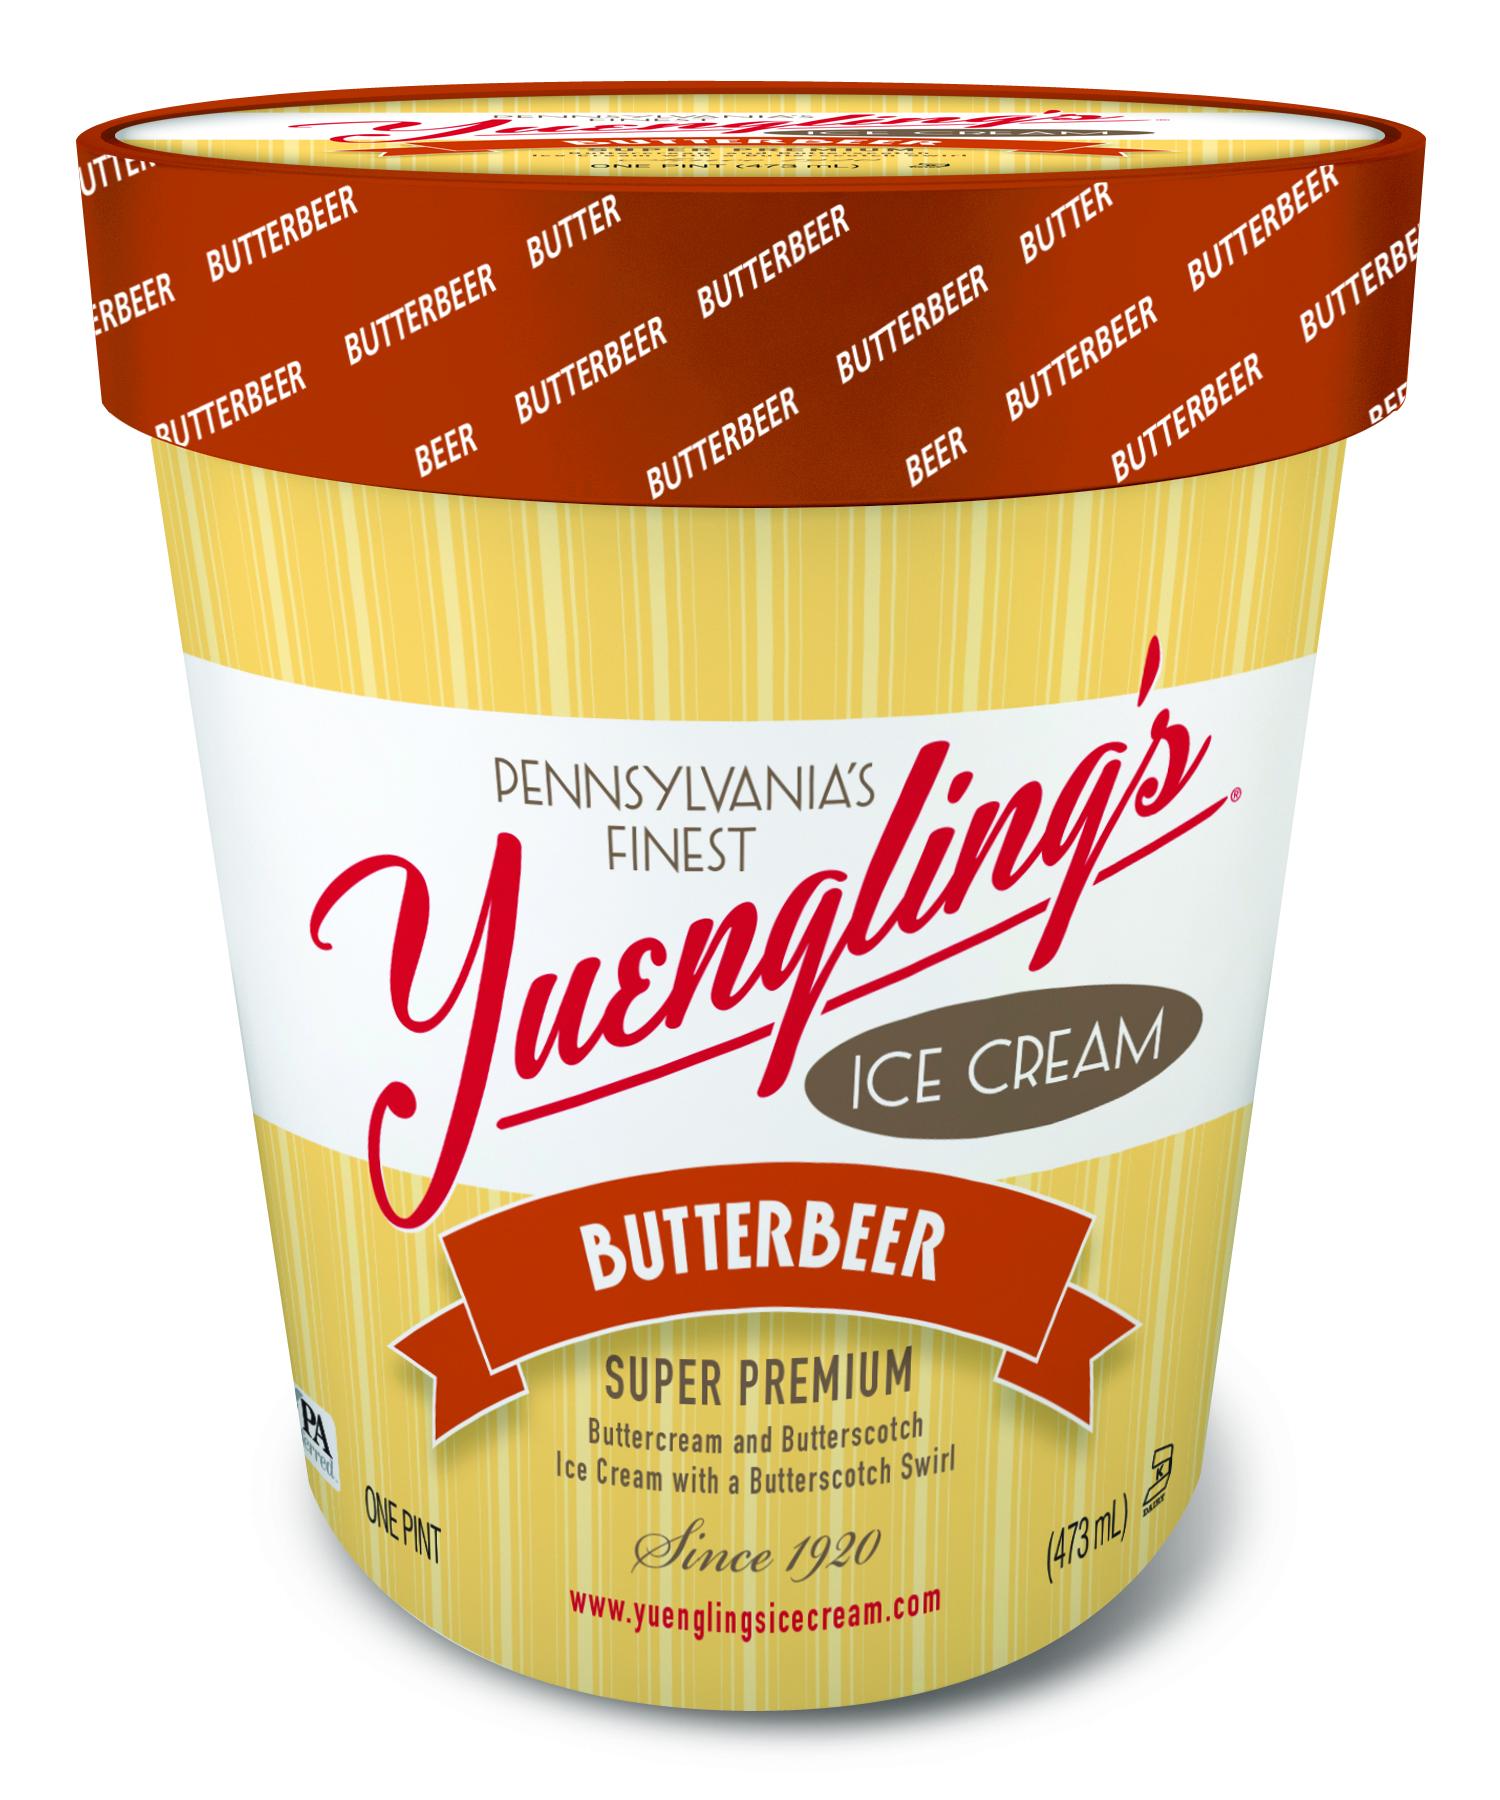 Yuengling's